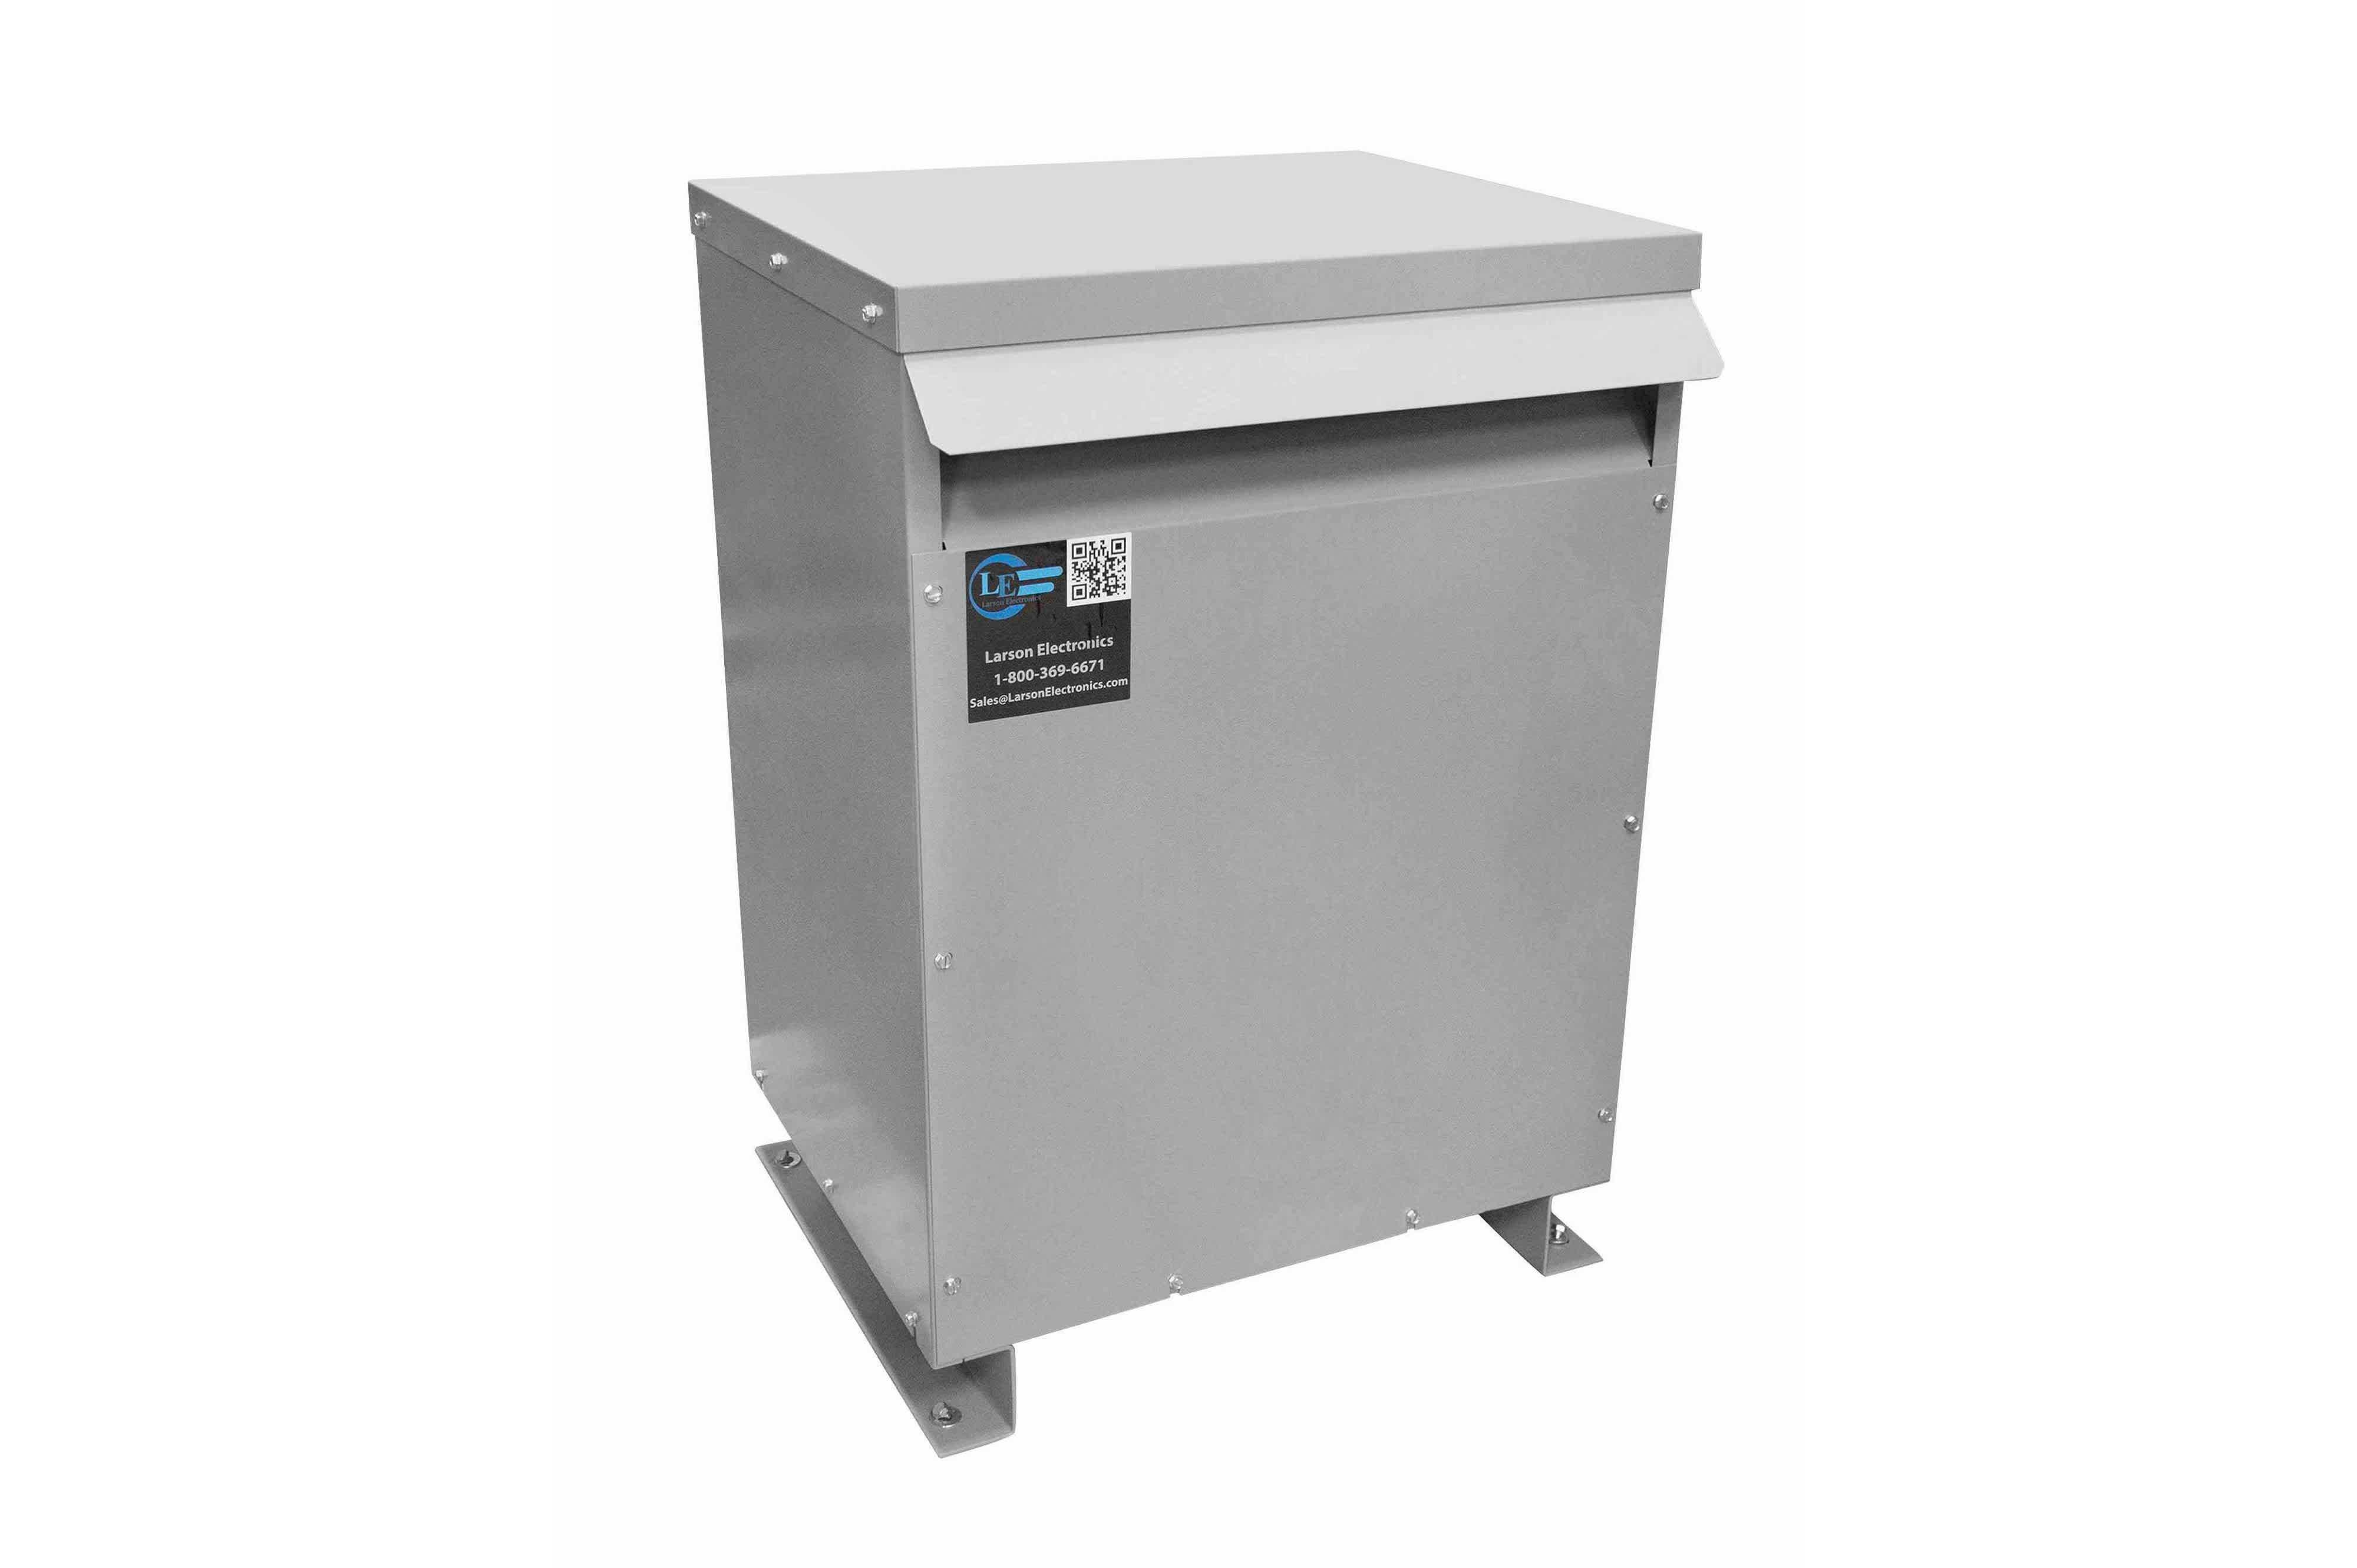 35 kVA 3PH Isolation Transformer, 400V Delta Primary, 600V Delta Secondary, N3R, Ventilated, 60 Hz